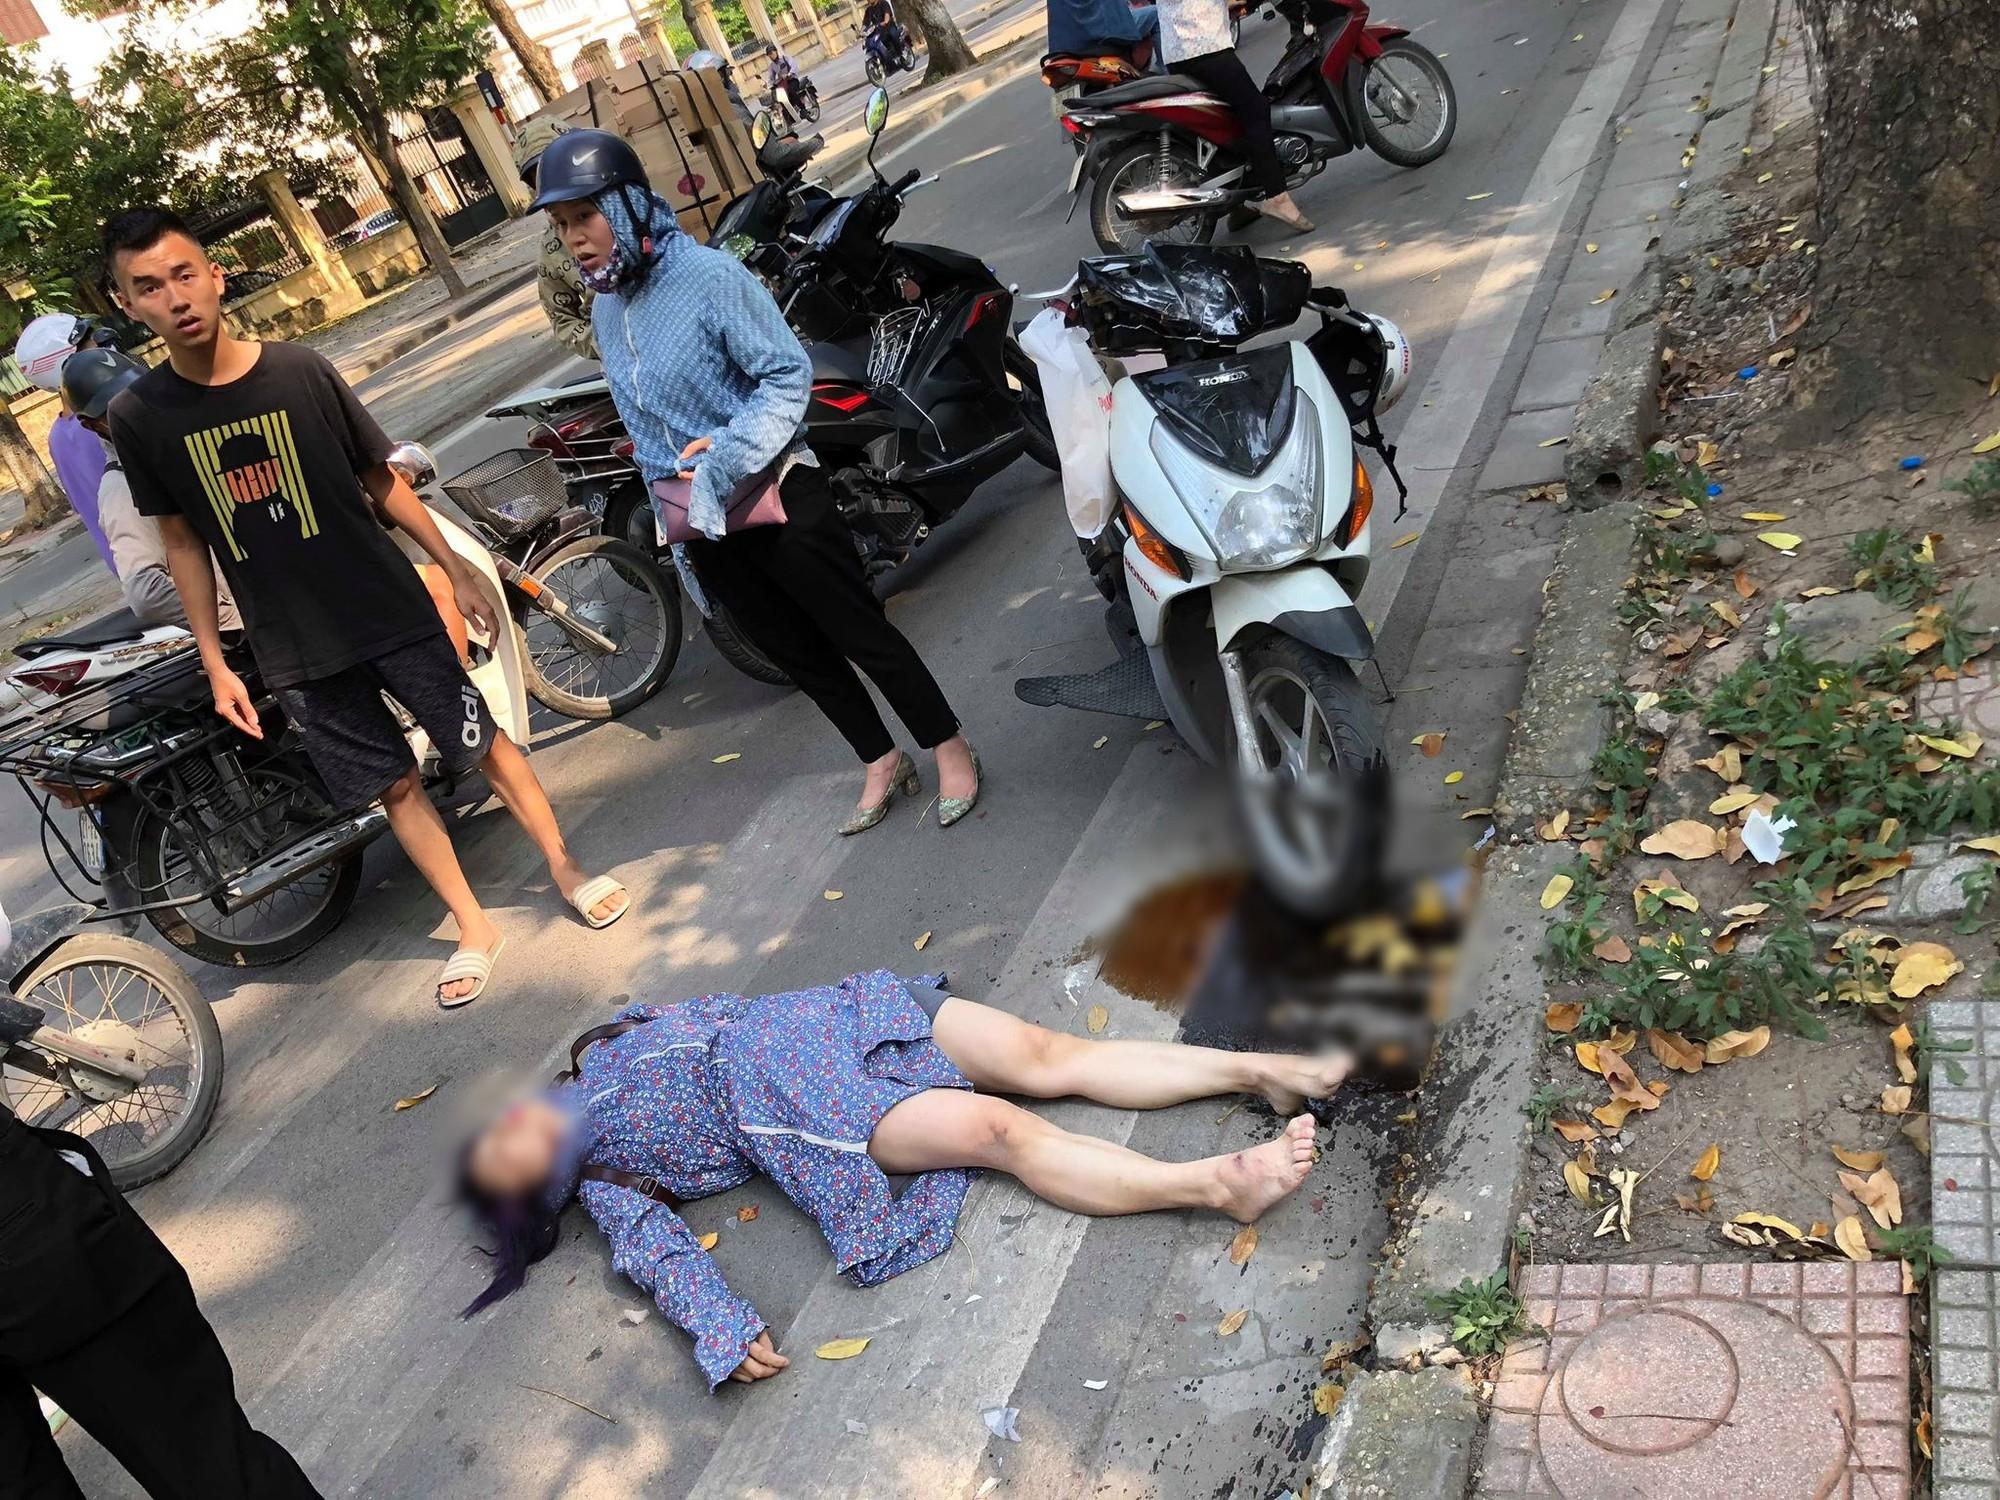 Hà Nội: Nghi say nắng, cô gái tự lao xe vào cột biển báo giao thông được 2 nữ du khách nước ngoài sơ cứu - Ảnh 1.